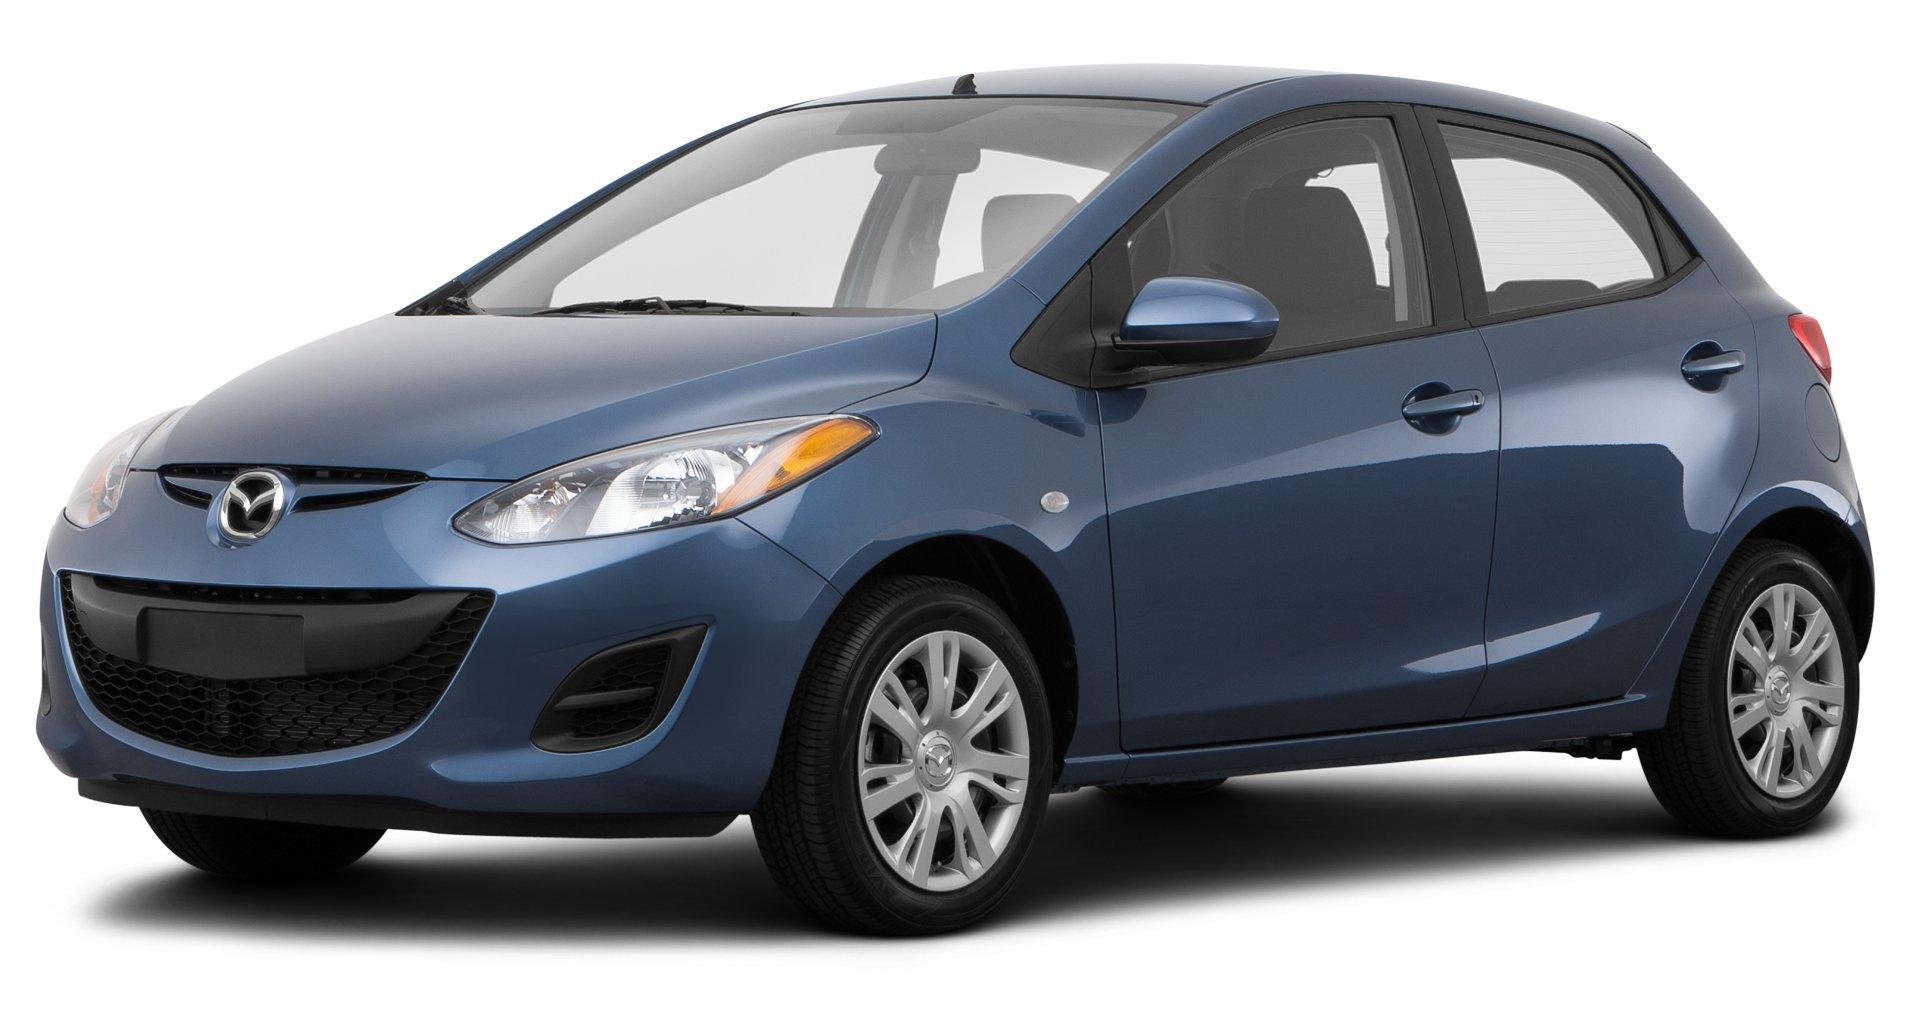 2014 Mazda 2 Sport, 4-Door Hatchback Automatic Transmission ...